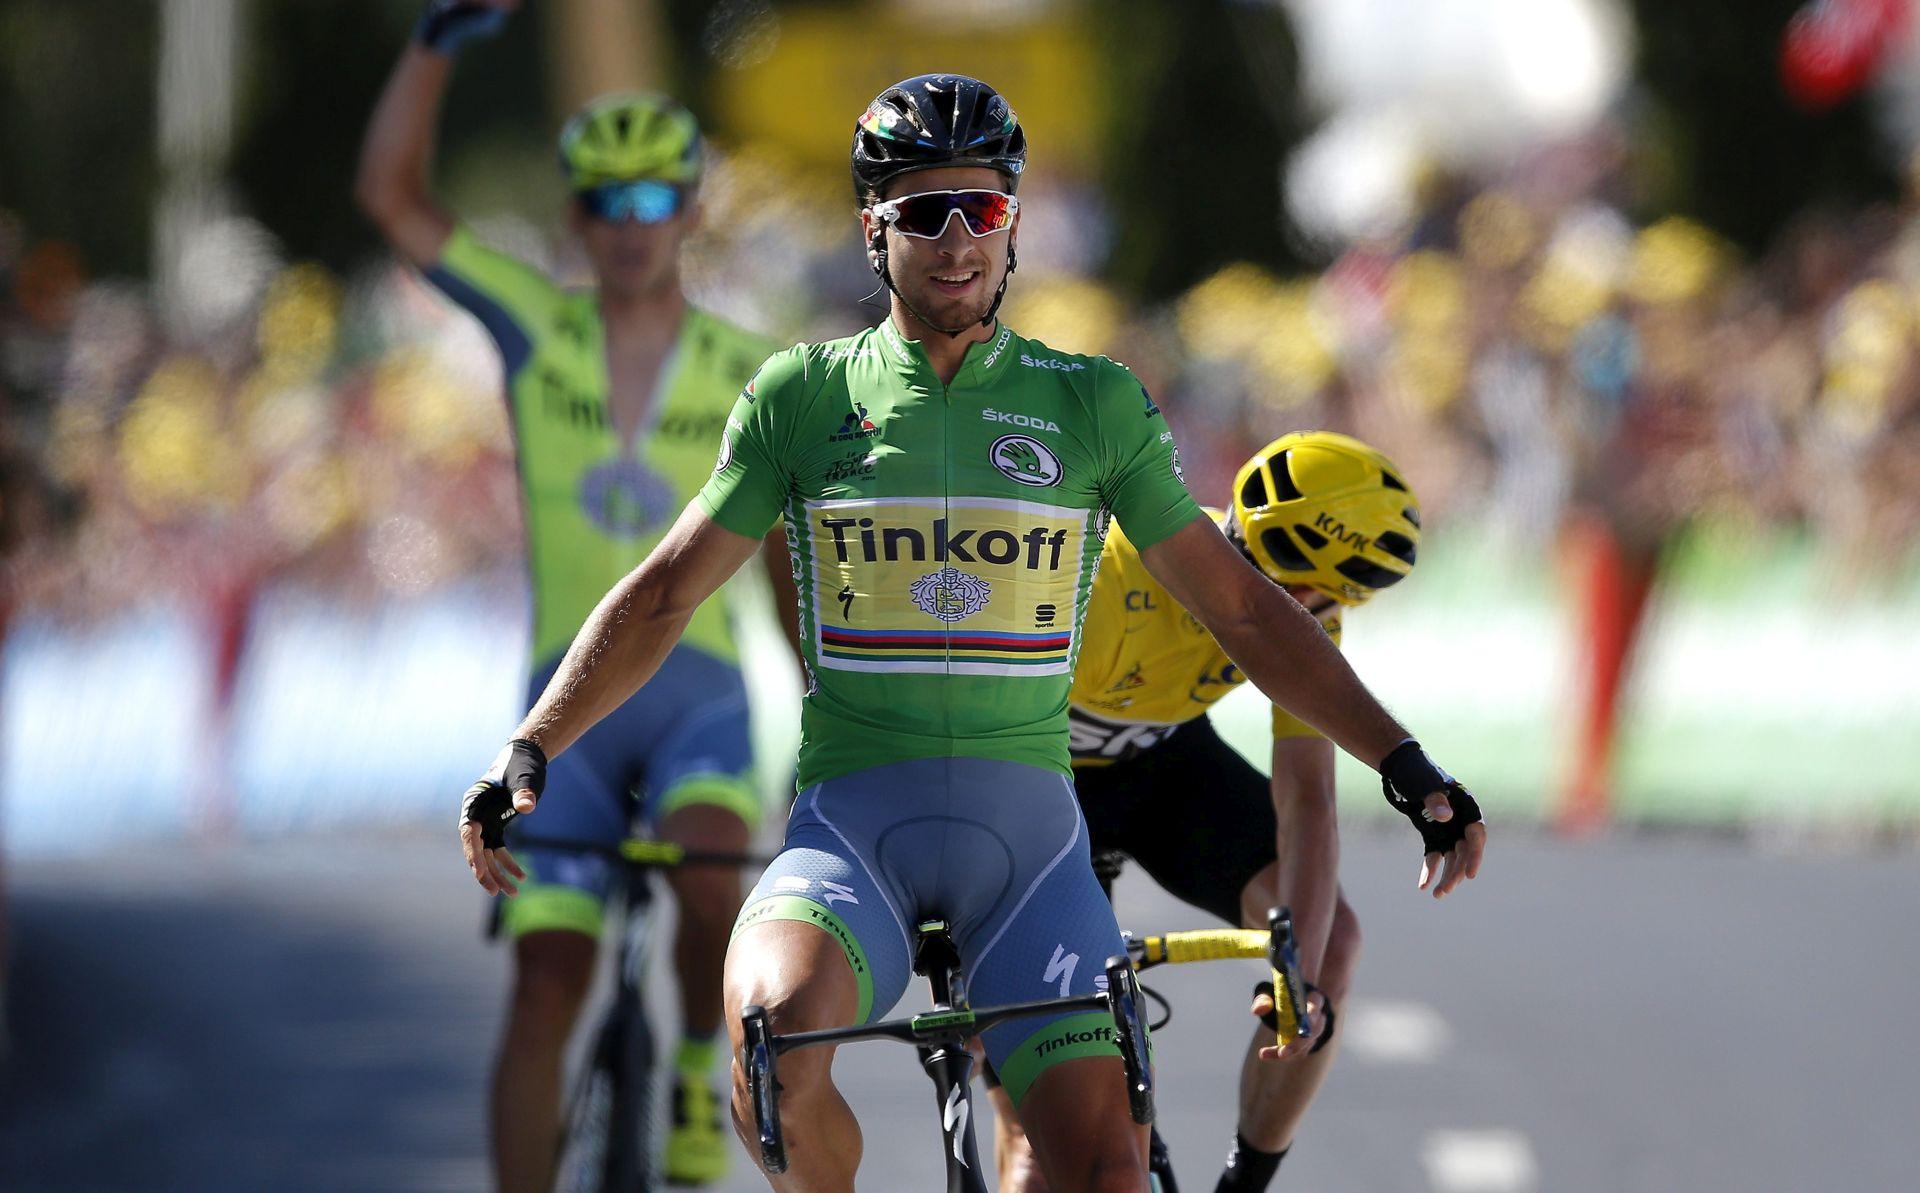 BICIKLIZAM: Svjetski prvak Sagan sljedeće godine u Bori